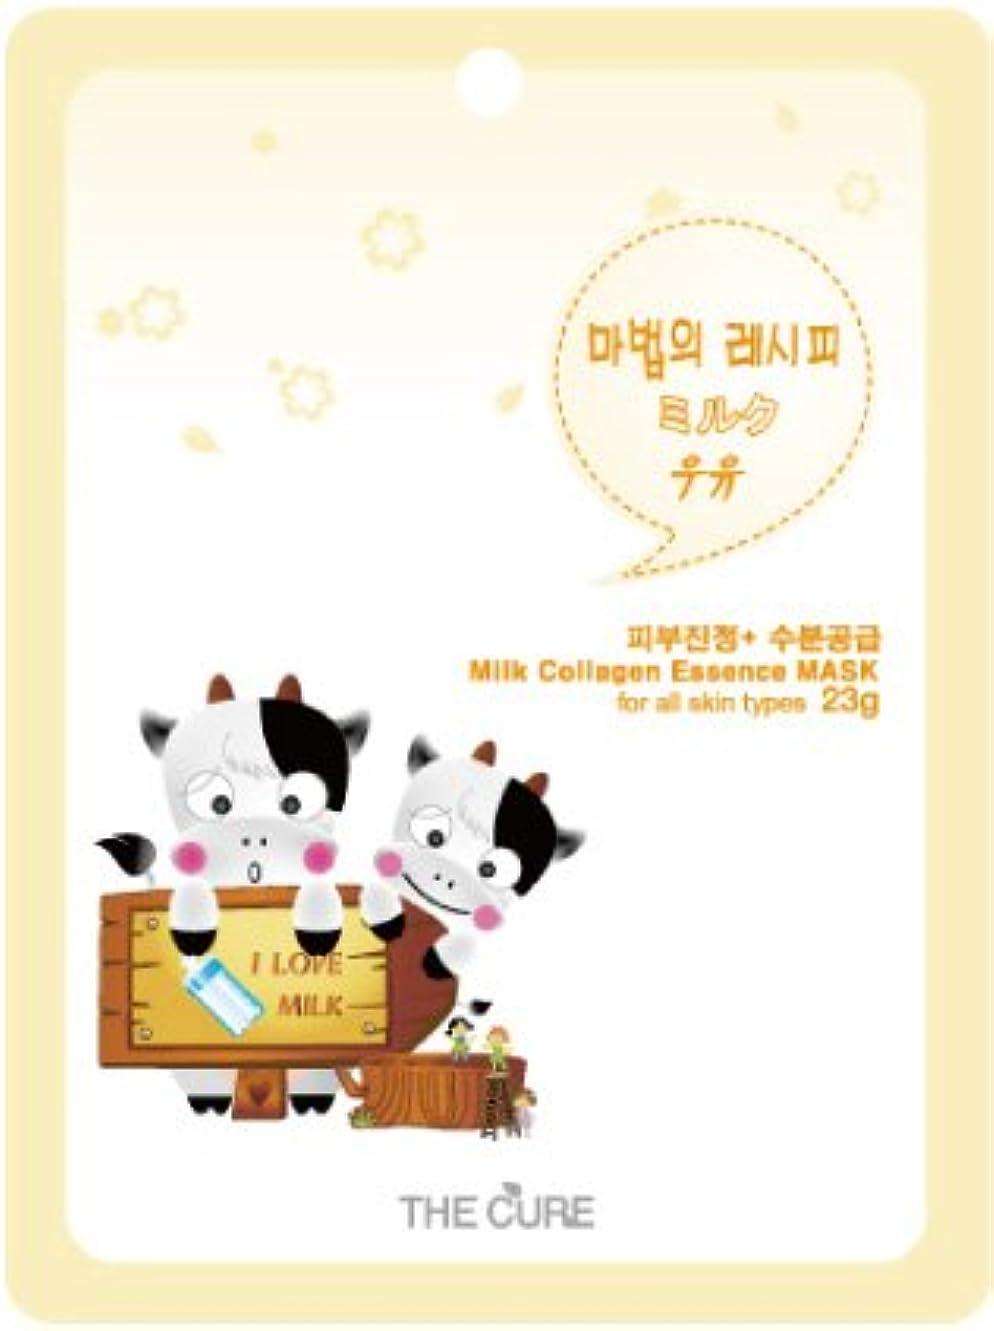 放棄するパステル区ミルク コラーゲン エッセンス マスク THE CURE シート パック 10枚セット 韓国 コスメ 乾燥肌 オイリー肌 混合肌